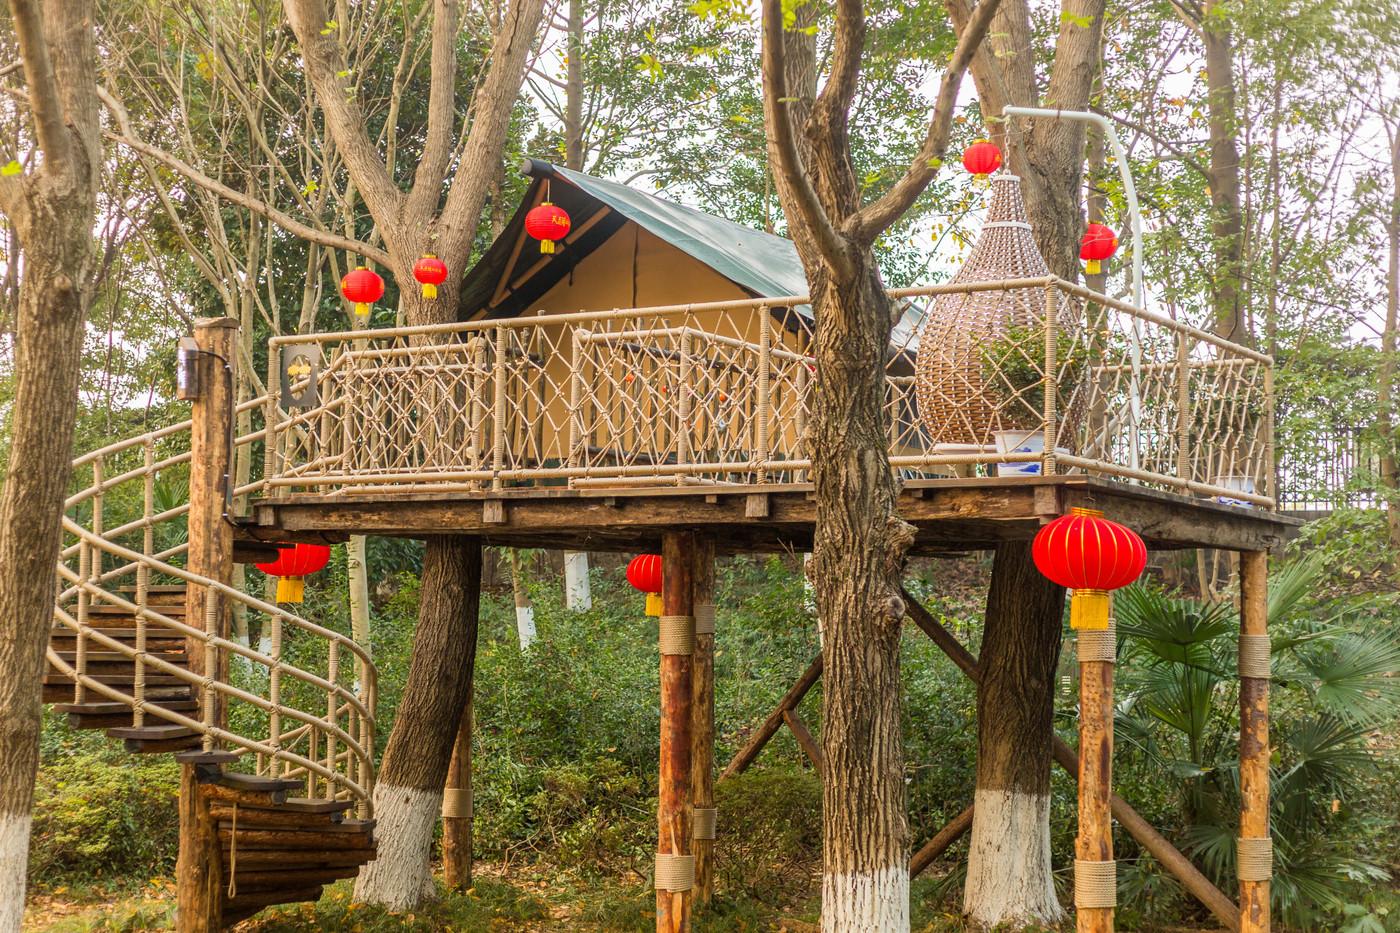 喜马拉雅野奢帐篷酒店—江苏常州天目湖树屋帐篷酒店5